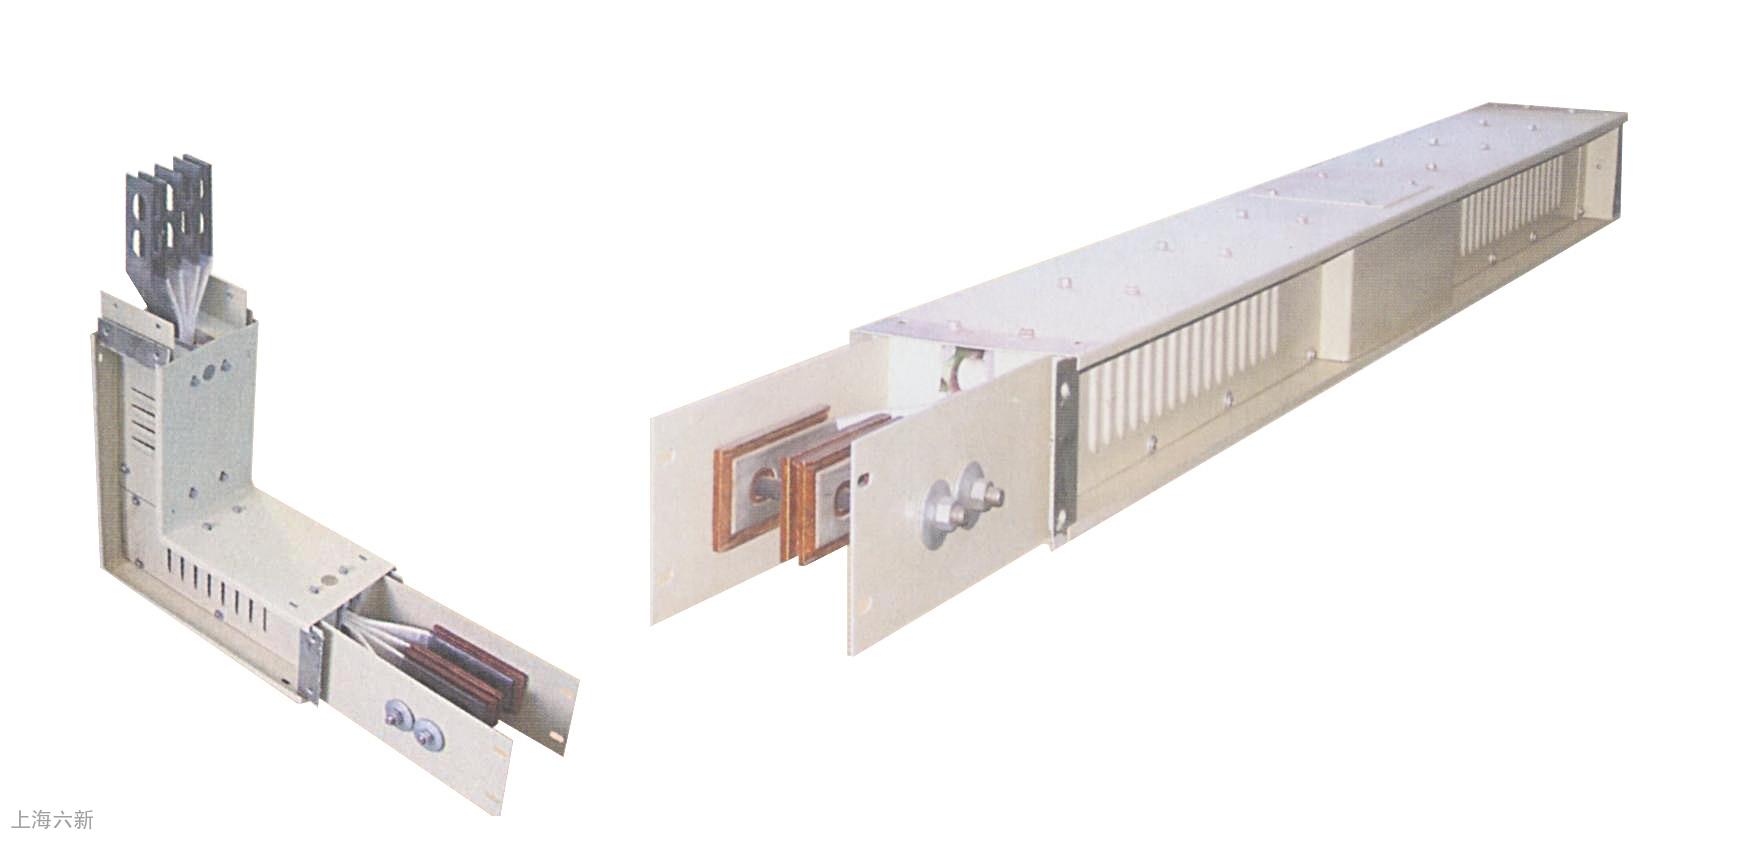 耐火密集型母线槽